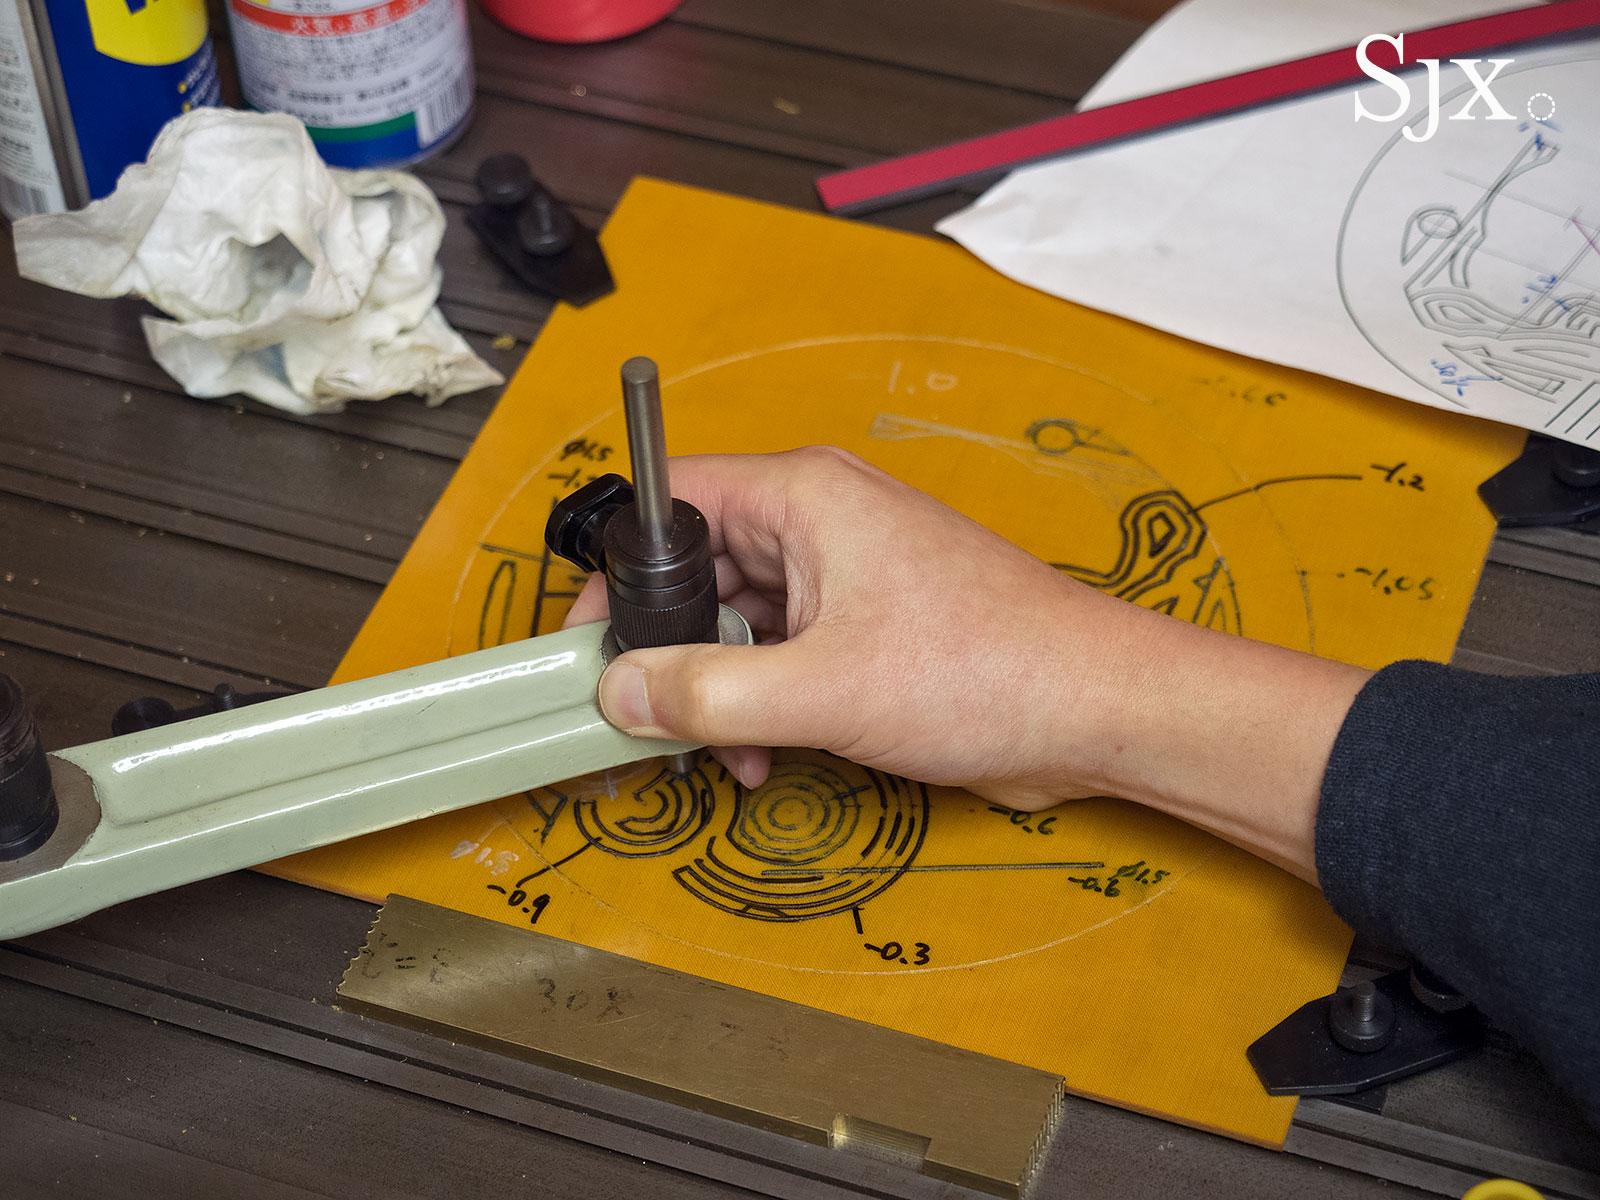 Masahiro Kikuno Japanese watchmaker 22